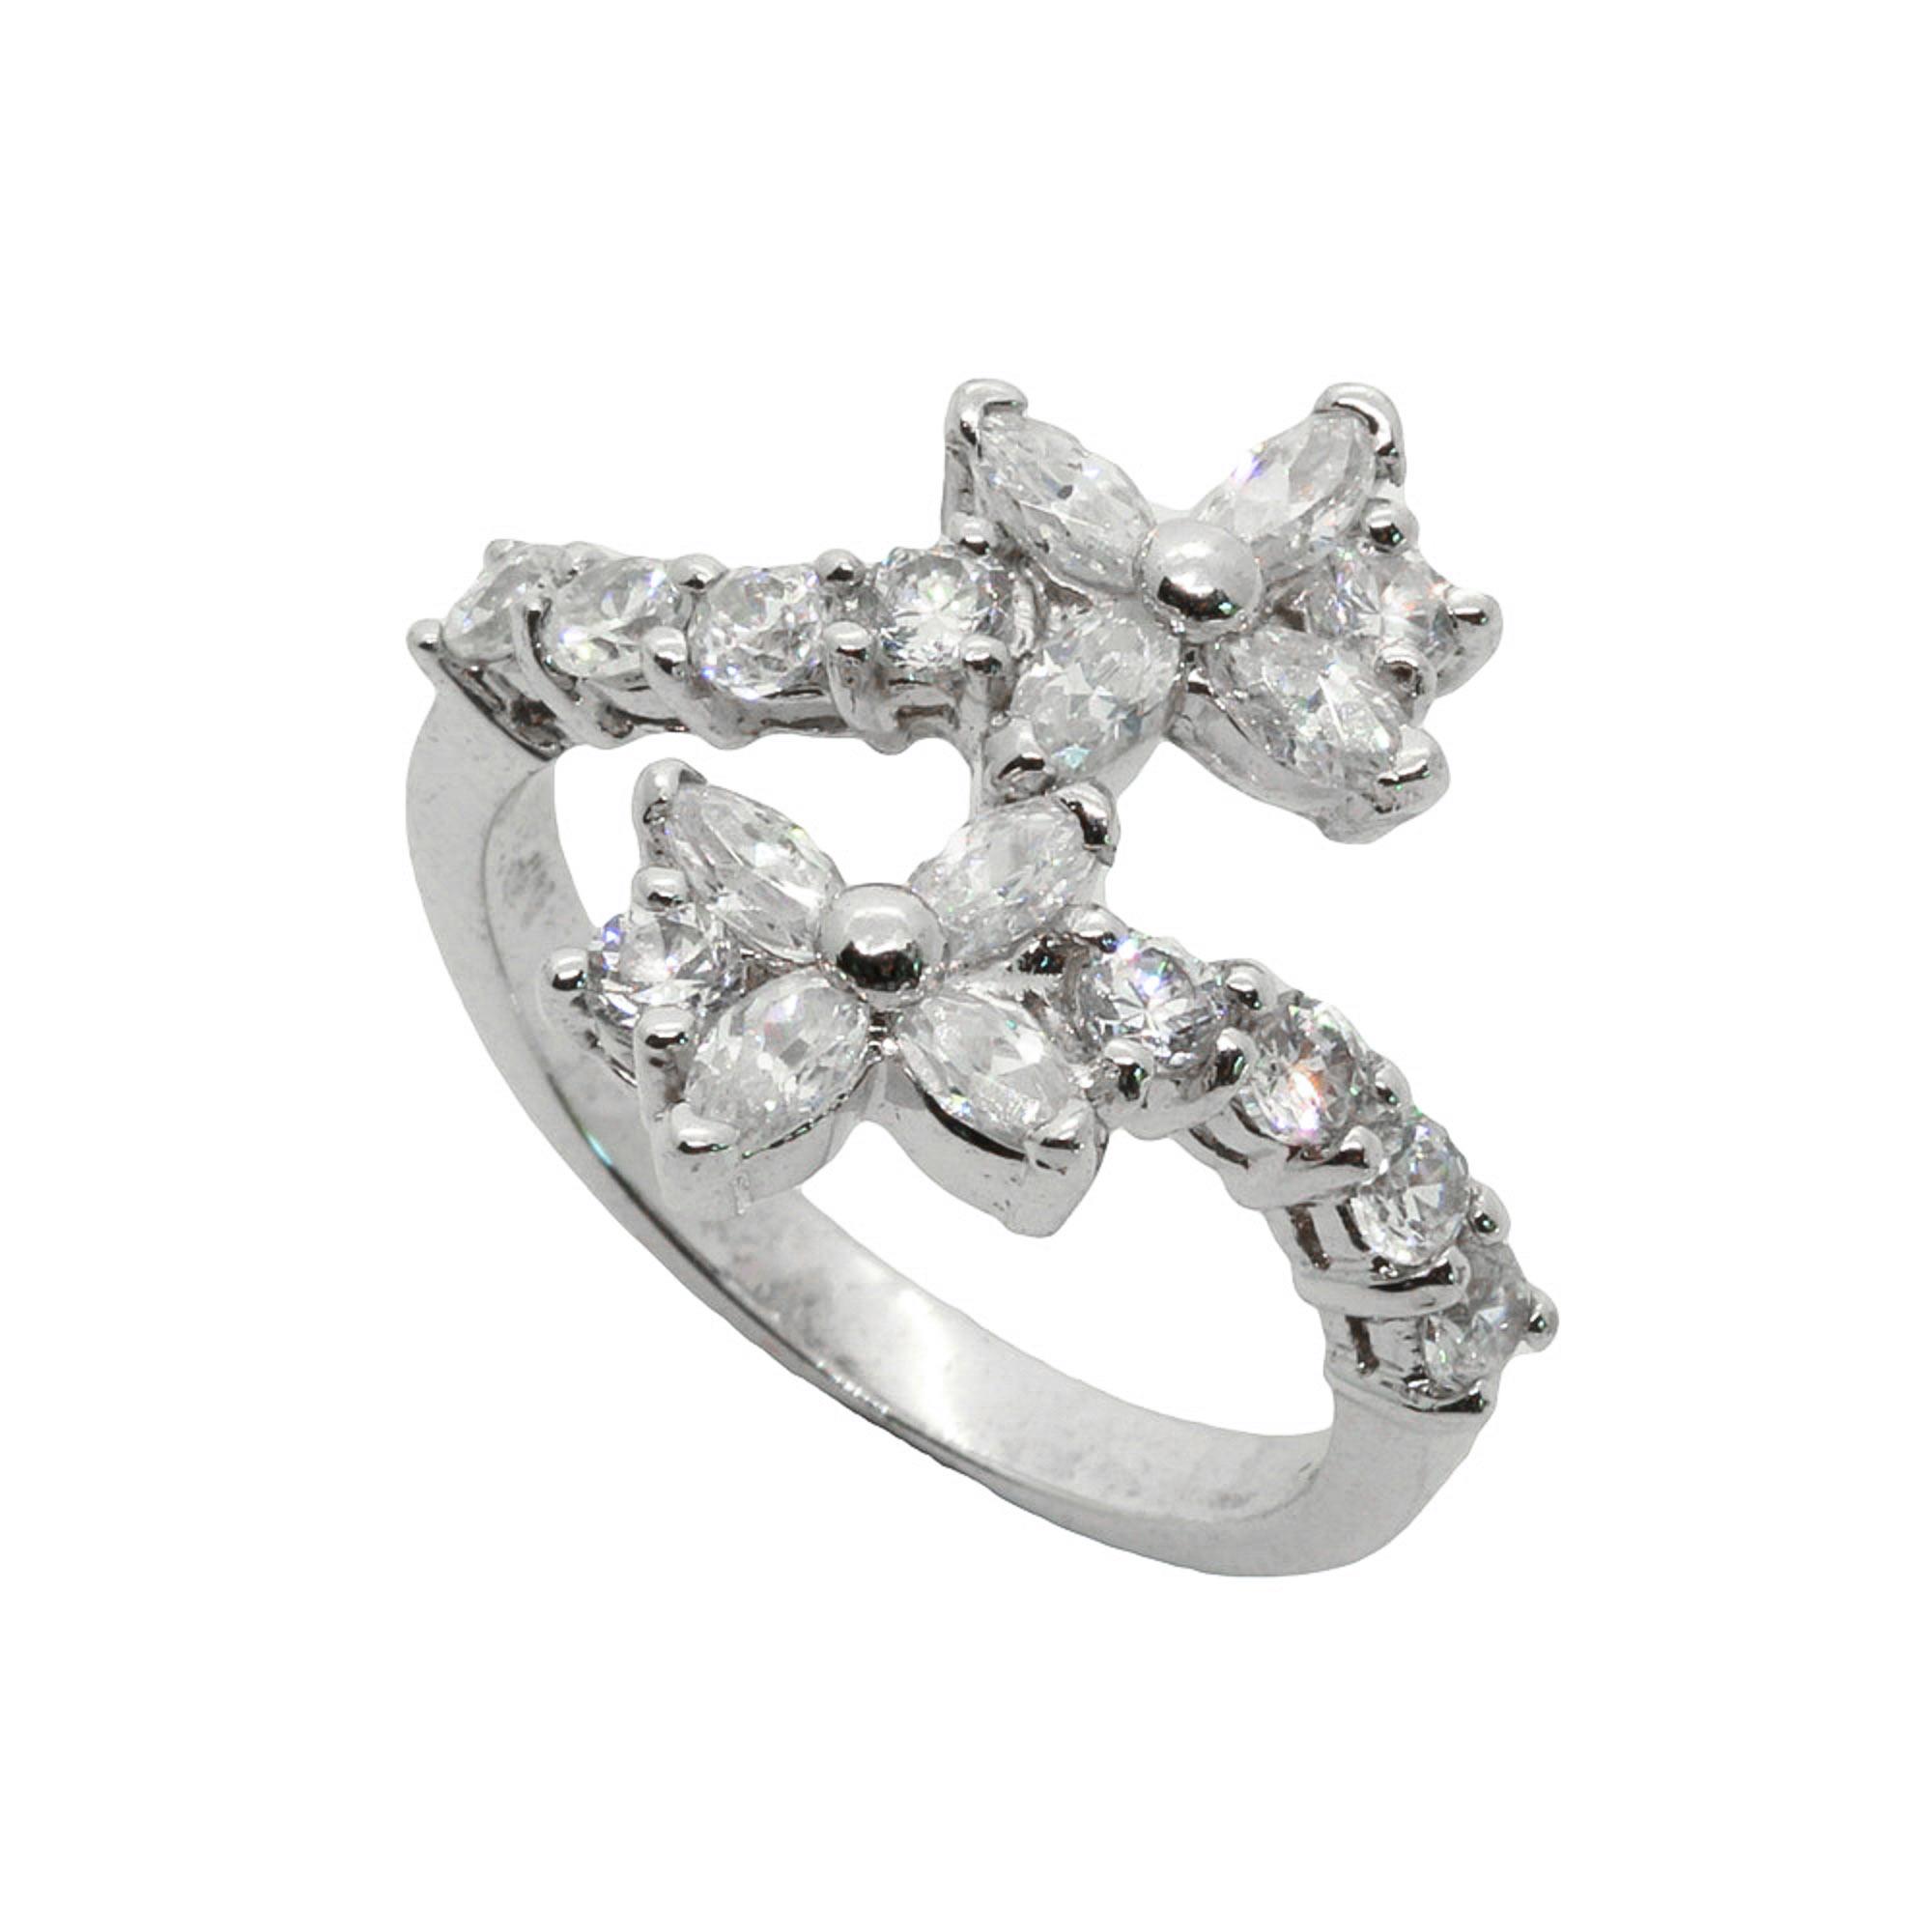 แหวนเพชรCZ หุ้มทองคำขาวแท้ ไซส์ 51